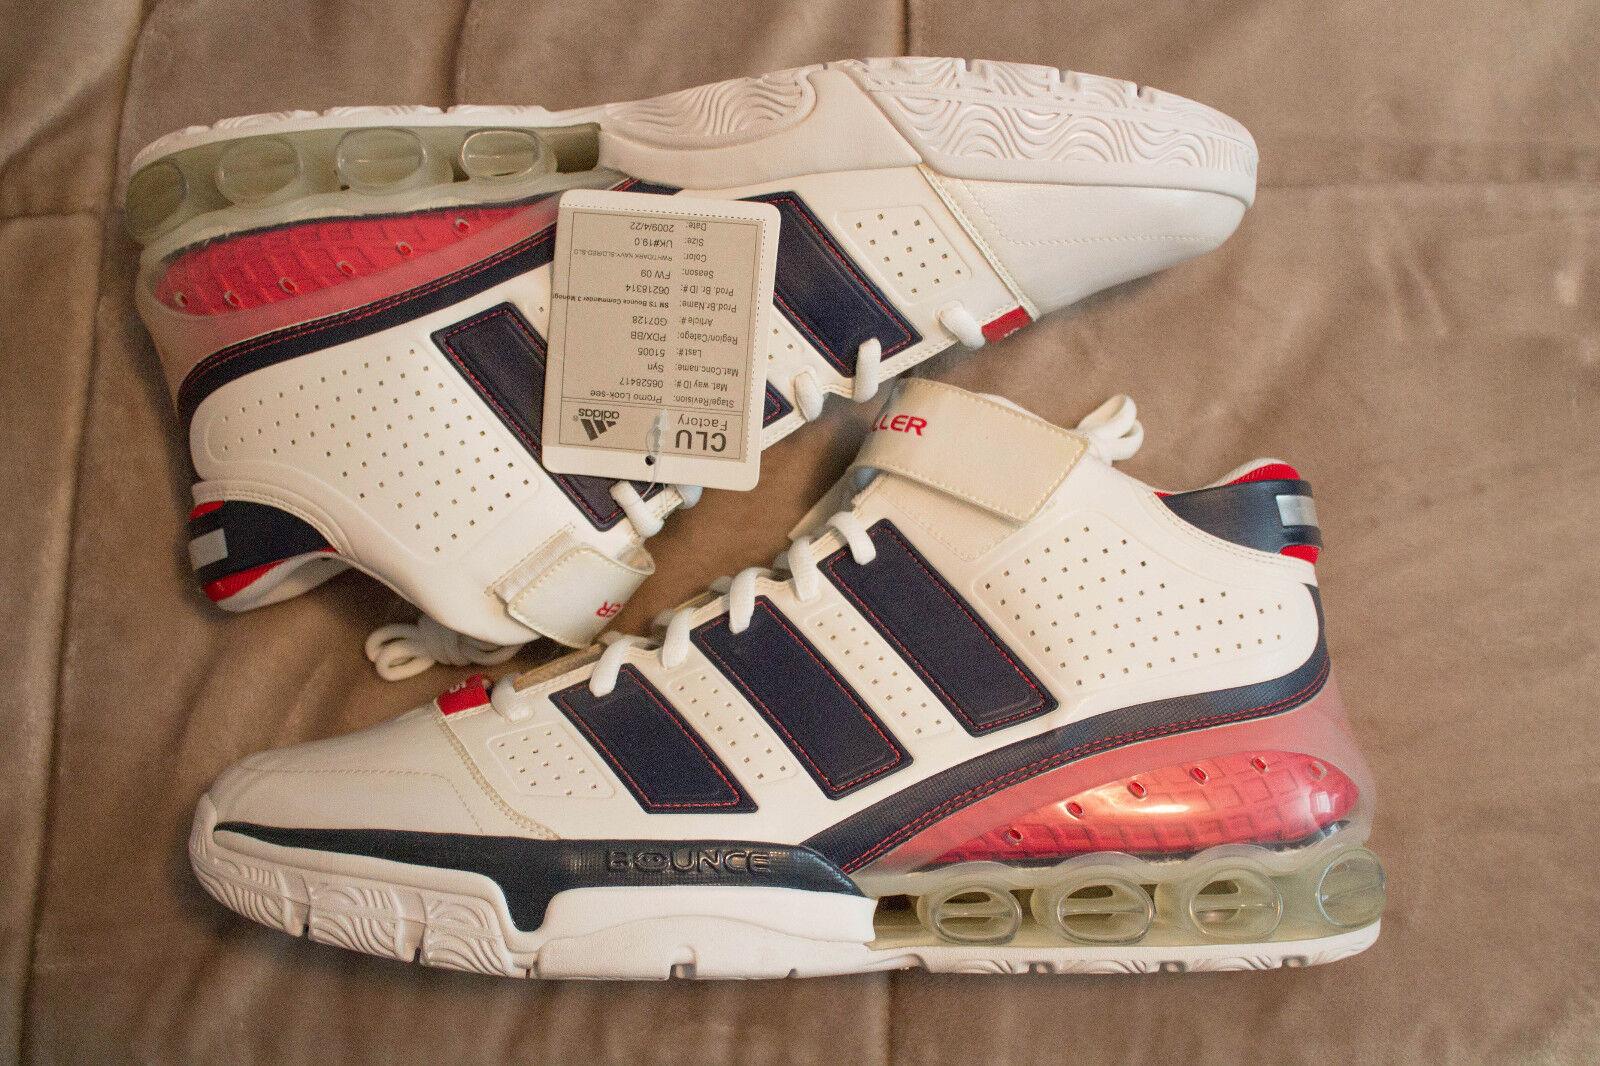 Adidas sehen ts auf commander stichproben / sehen Adidas 2009 basketball - schuhe der größe 20 männer 5a9cc1